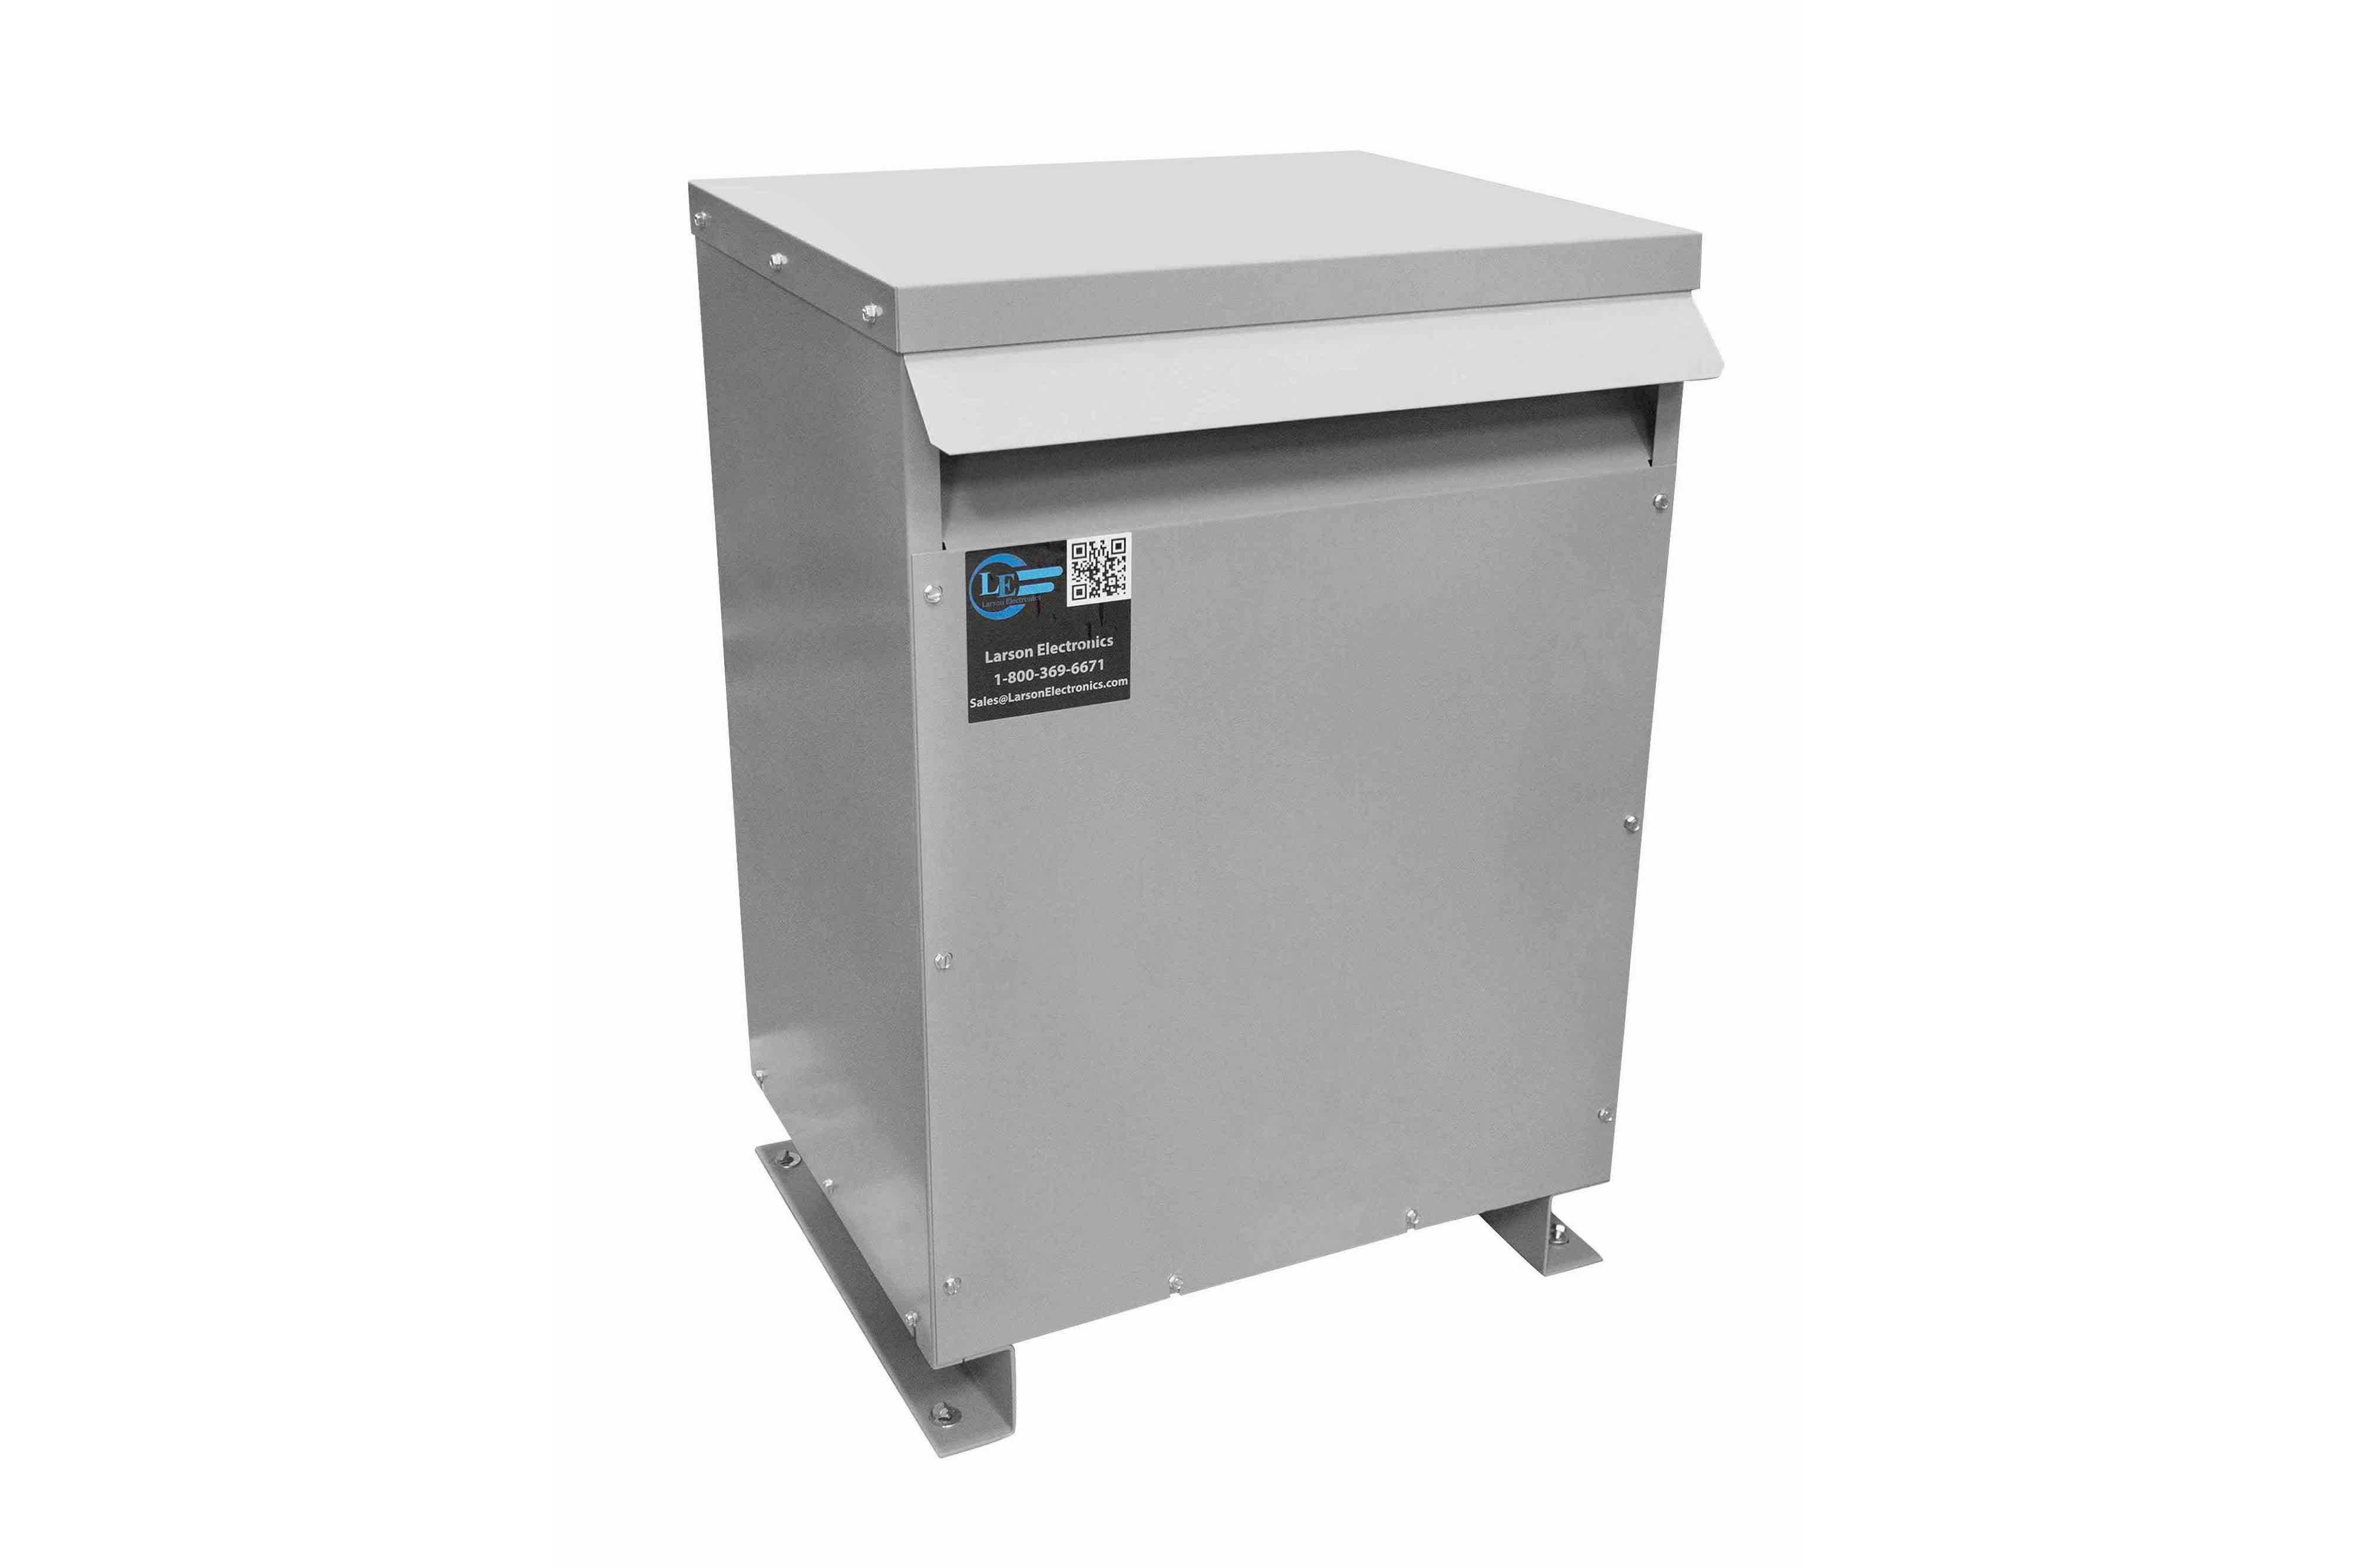 22.5 kVA 3PH Isolation Transformer, 208V Delta Primary, 415V Delta Secondary, N3R, Ventilated, 60 Hz